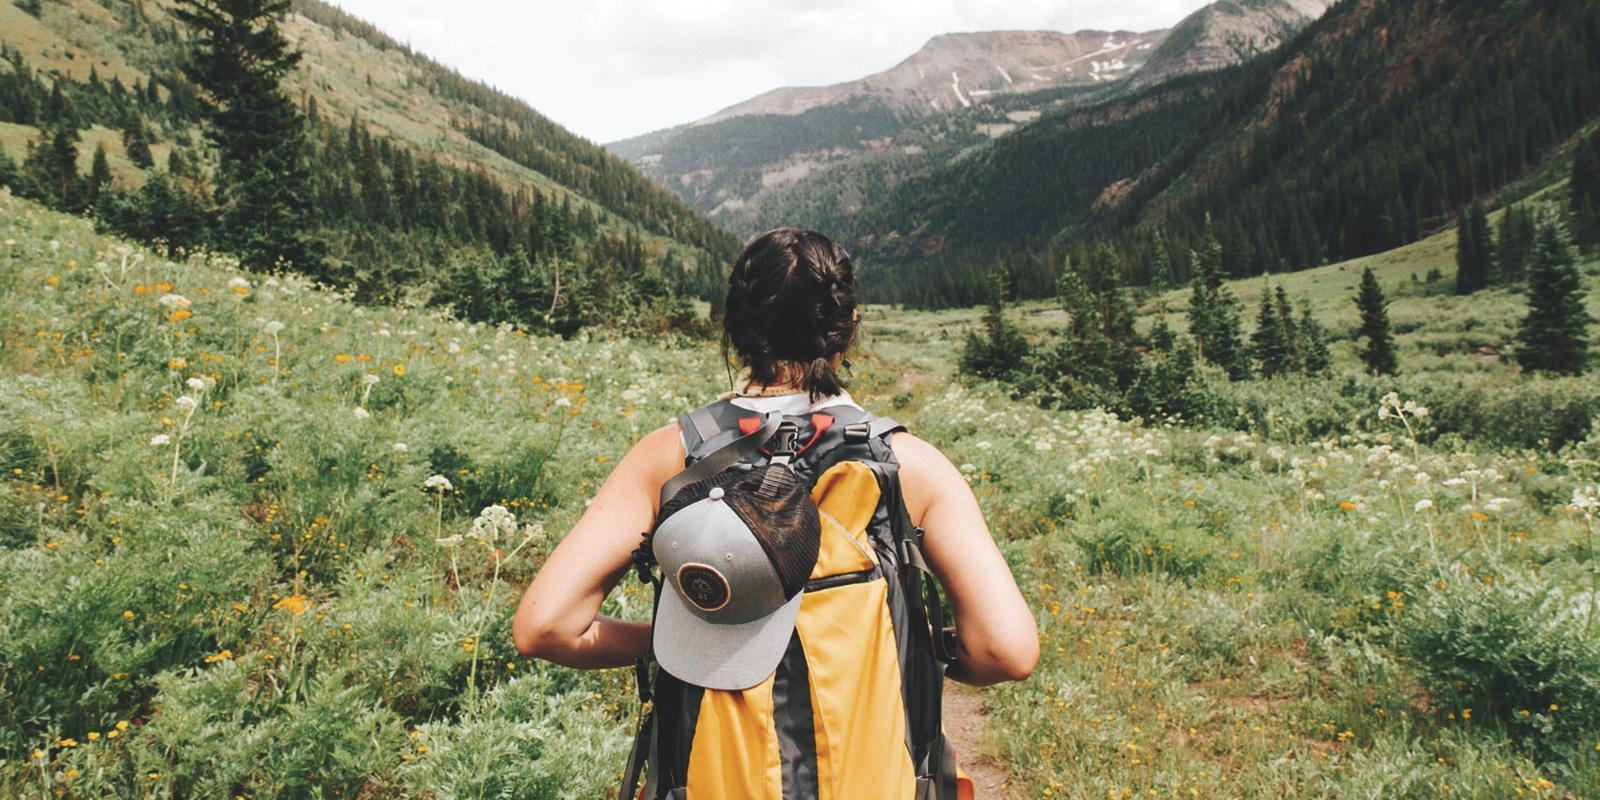 Žena s batohem v přírodě